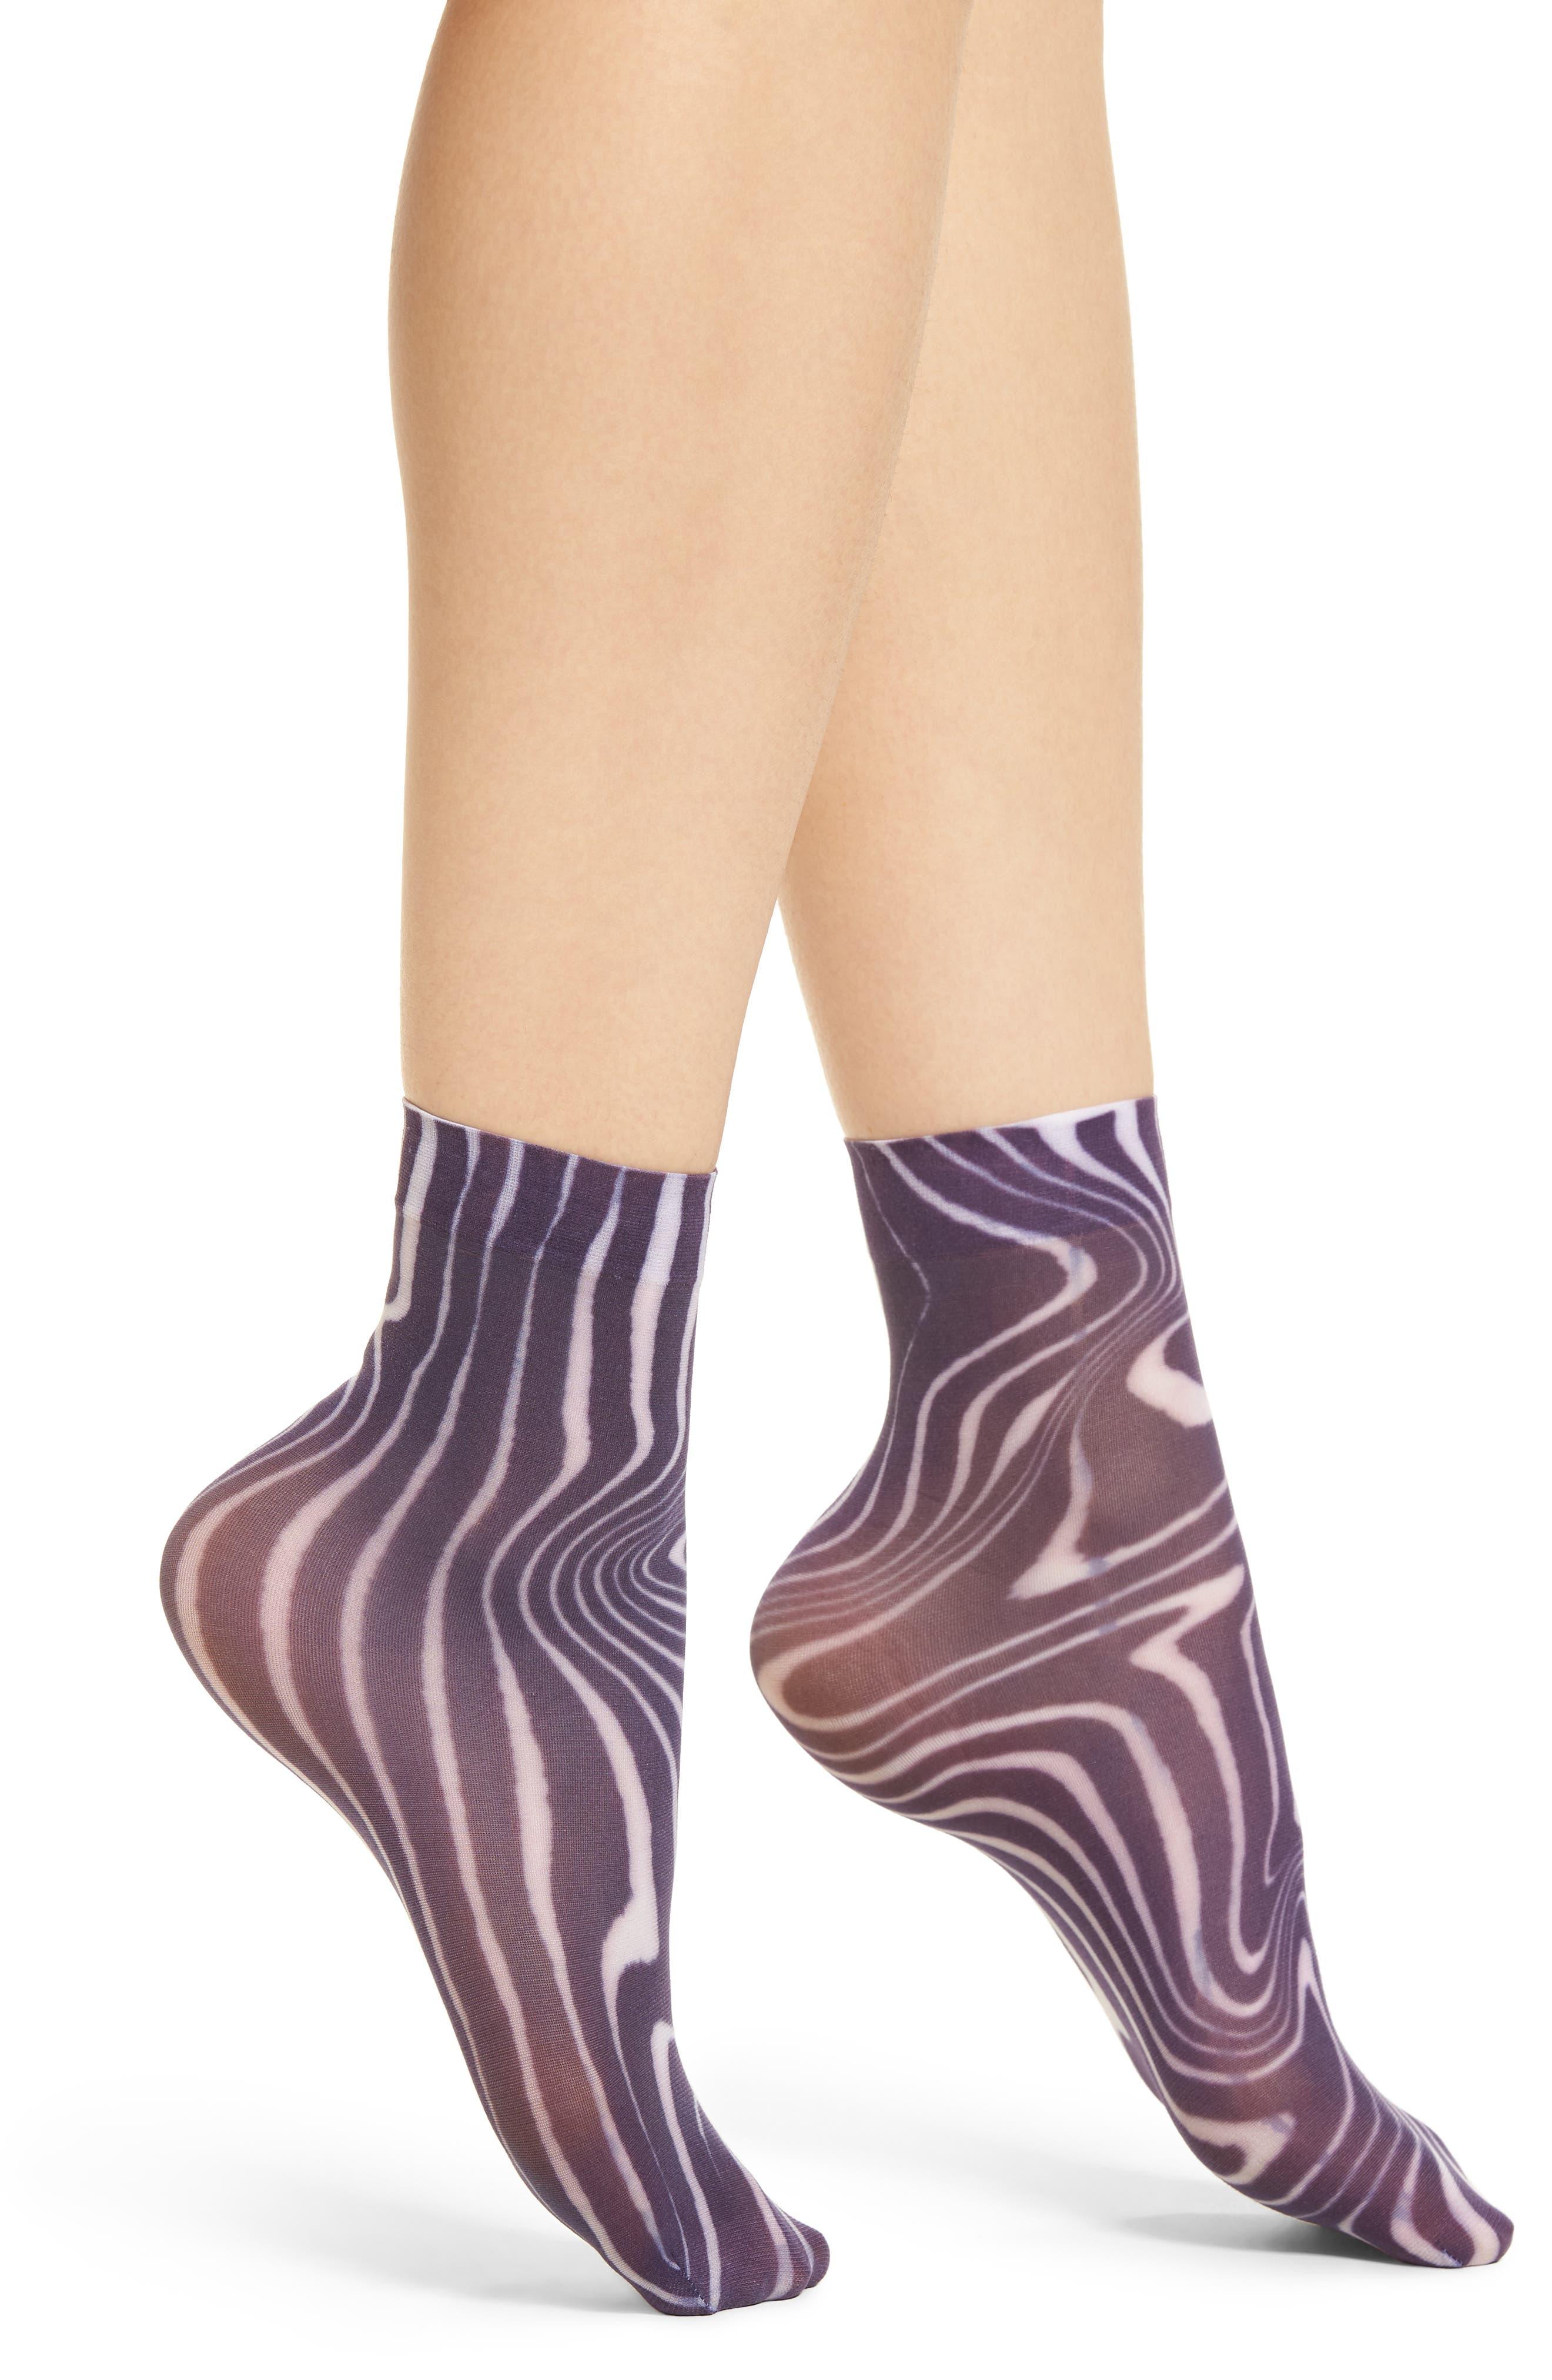 Mia Ankle Socks,                             Main thumbnail 1, color,                             BLACK